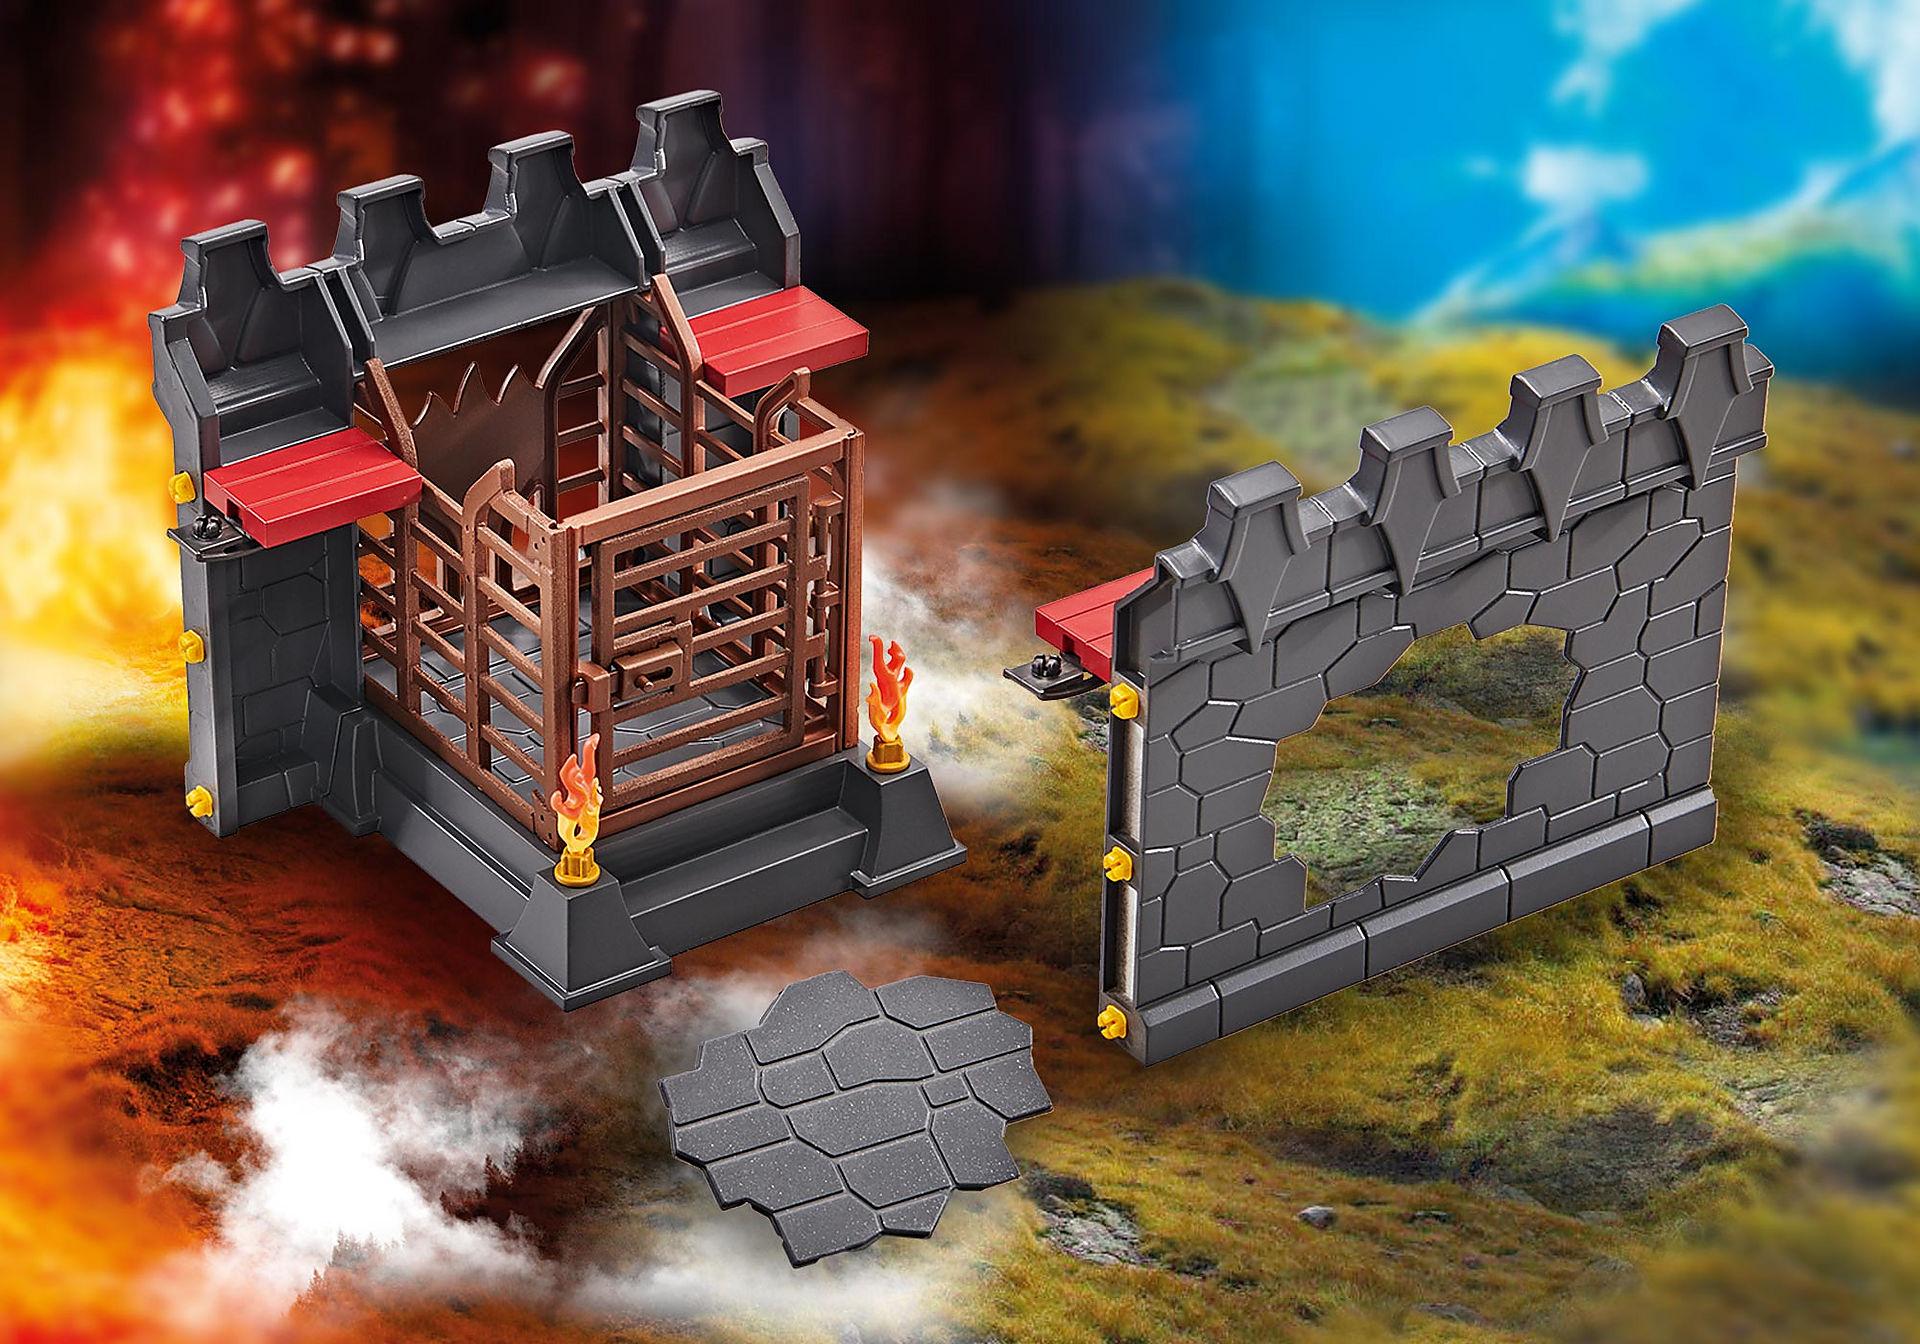 9841 Uitbreiding gevel met gevangenis en doorbreekmuur voor Kasteel van de Burnham Raiders  zoom image1